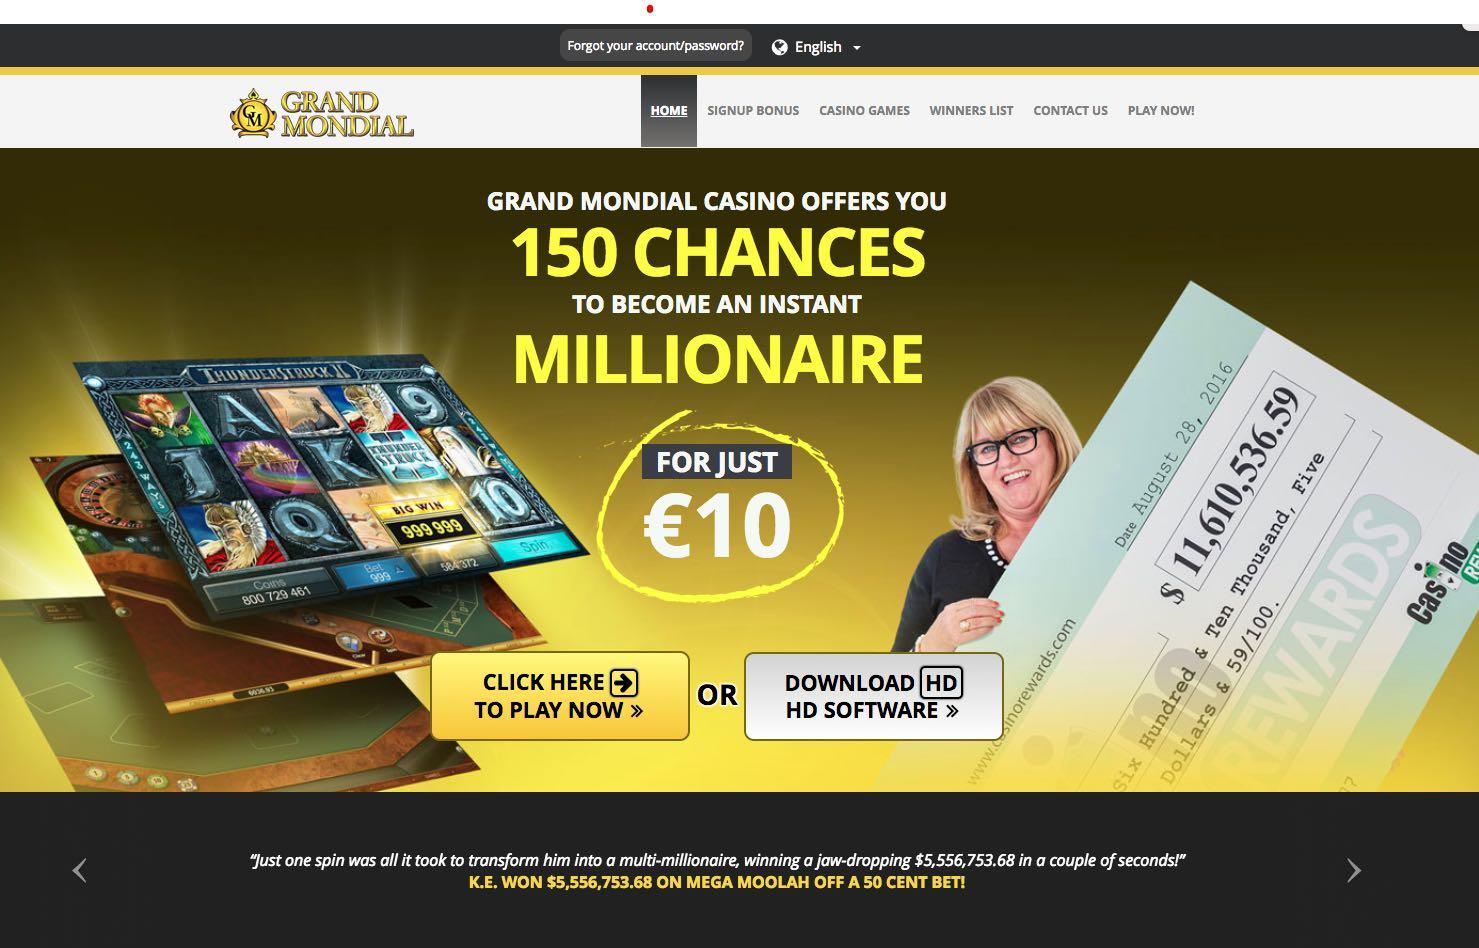 официальный сайт гранд мондиаль казино регистрация